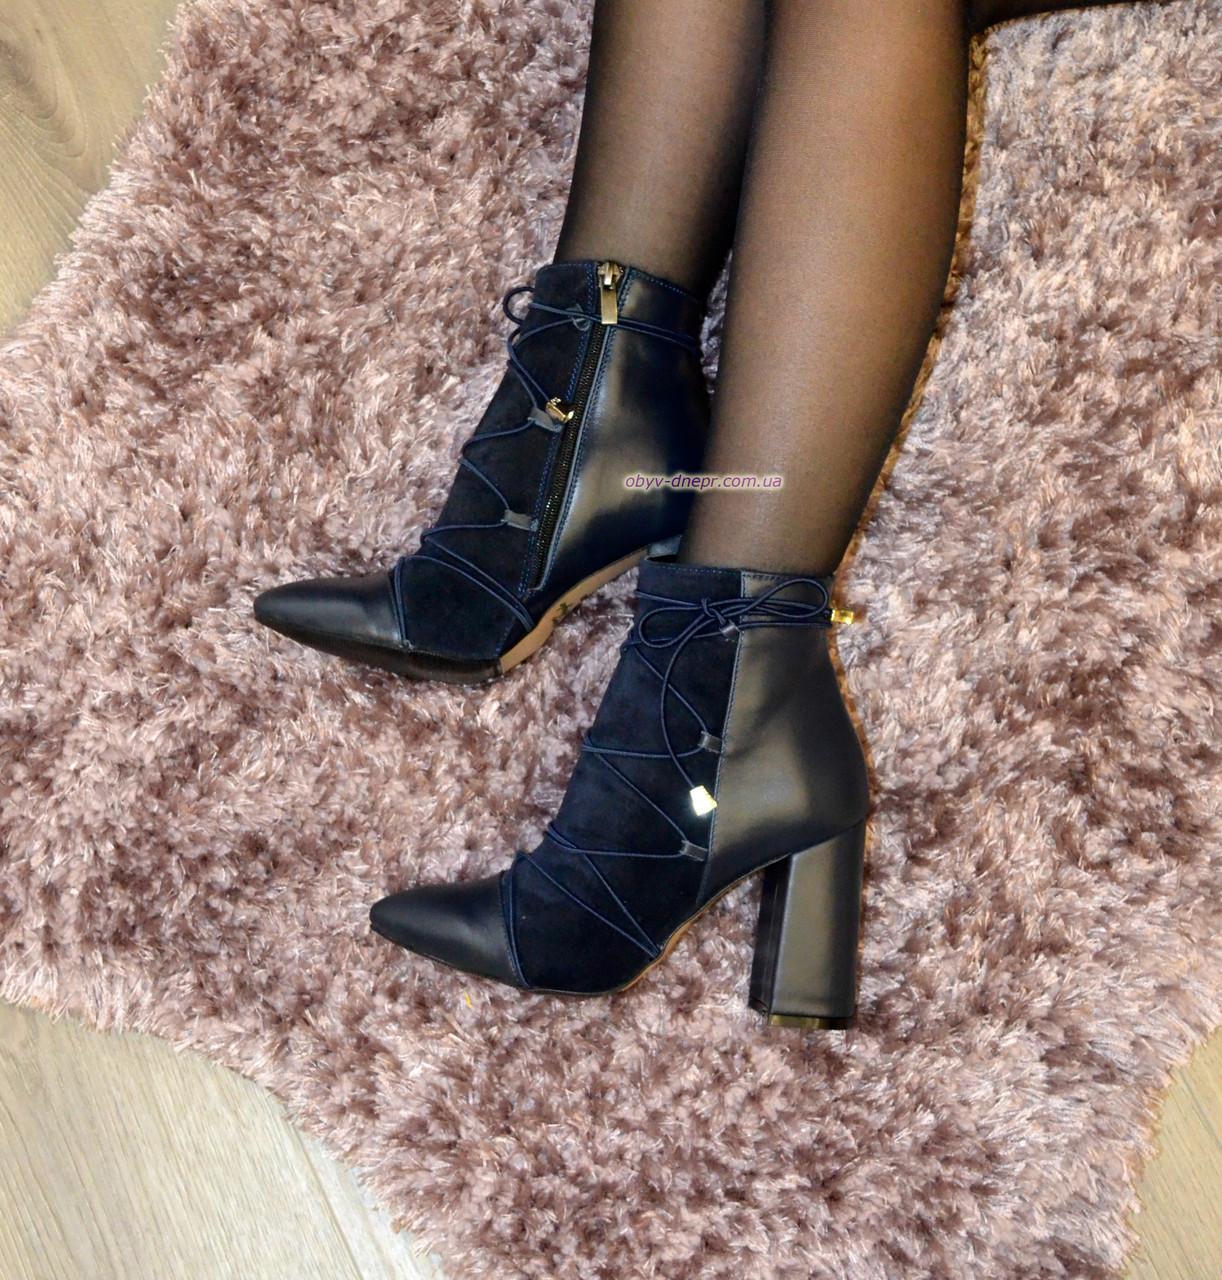 Ботинки зимние на высоком устойчивом каблуке, декорированы резинкой, цвет синий